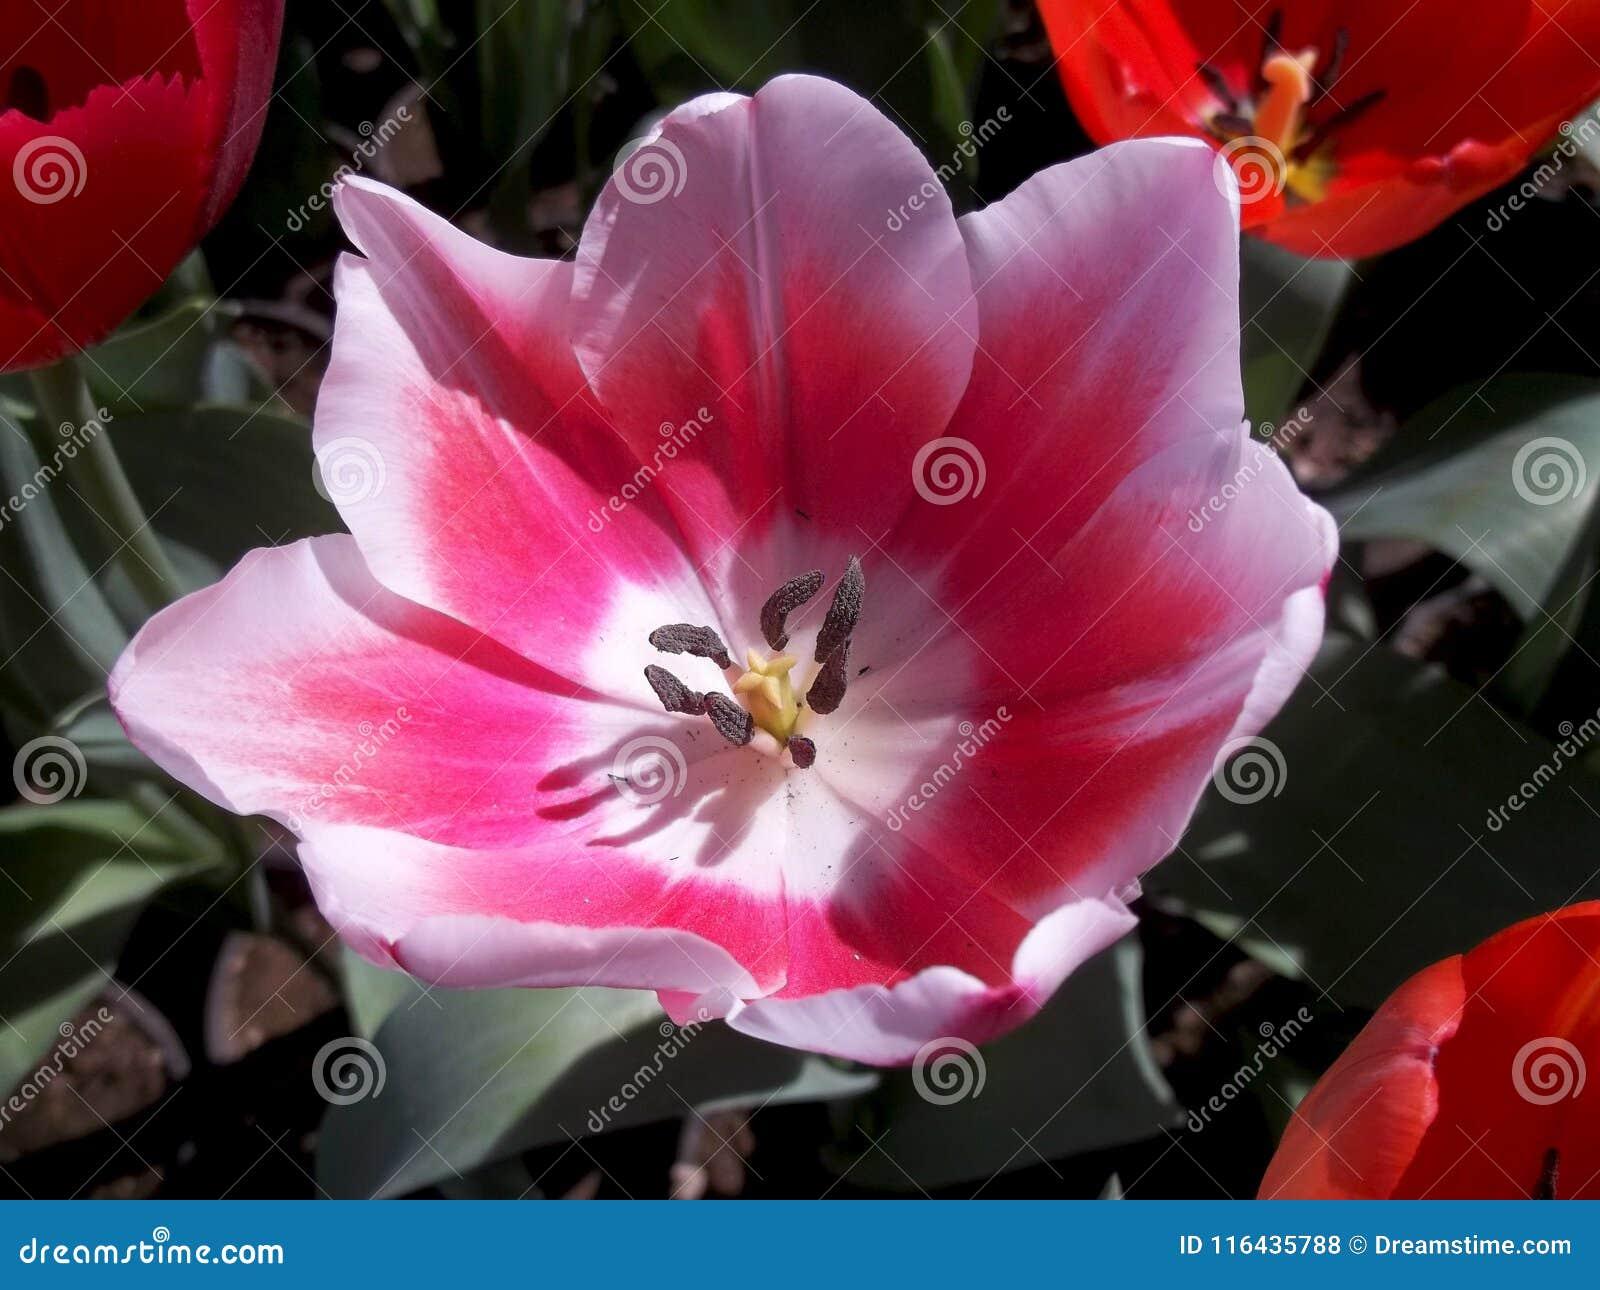 Fiori Bianchi Con Centro Nero.Molla Morbida Del Grande Fiore Rosa Mistica Fotografia Stock